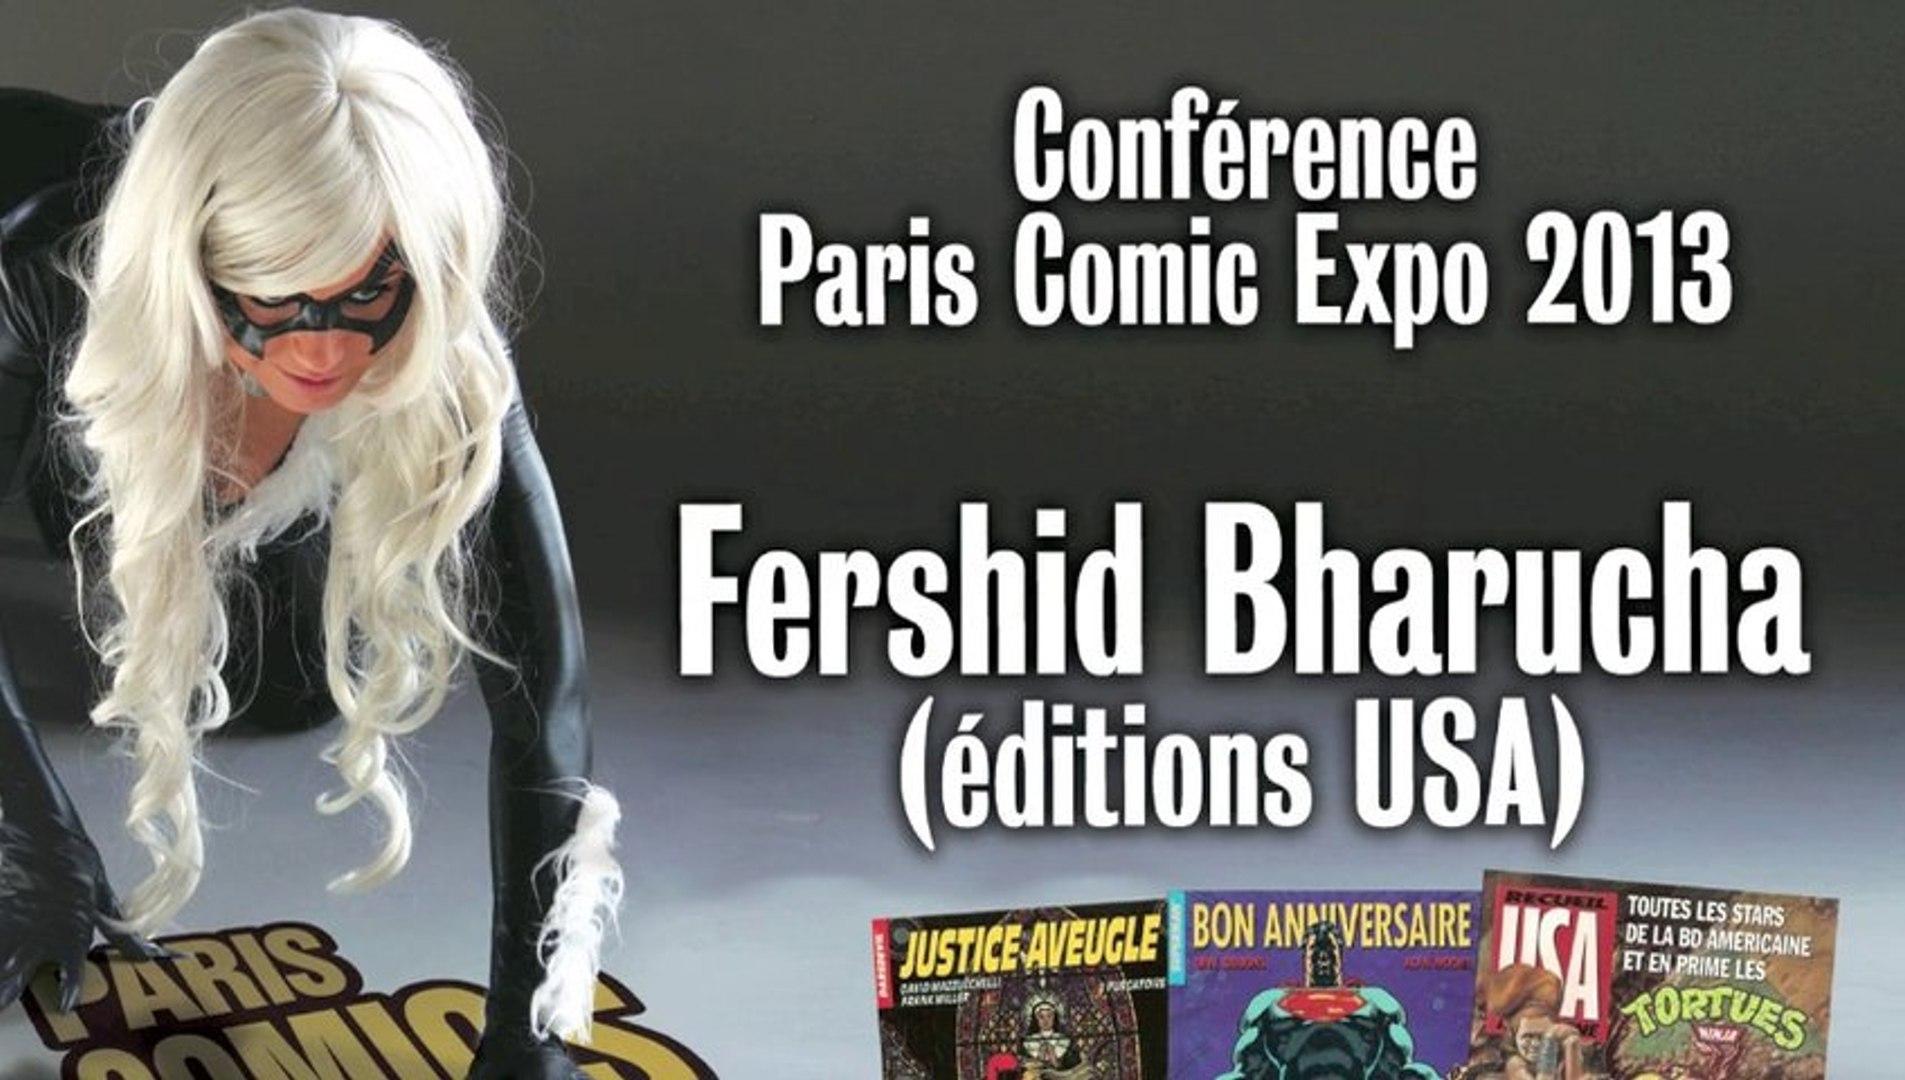 Conférence Fershid Bharucha par Comic Box à Paris Comics Expo 2013